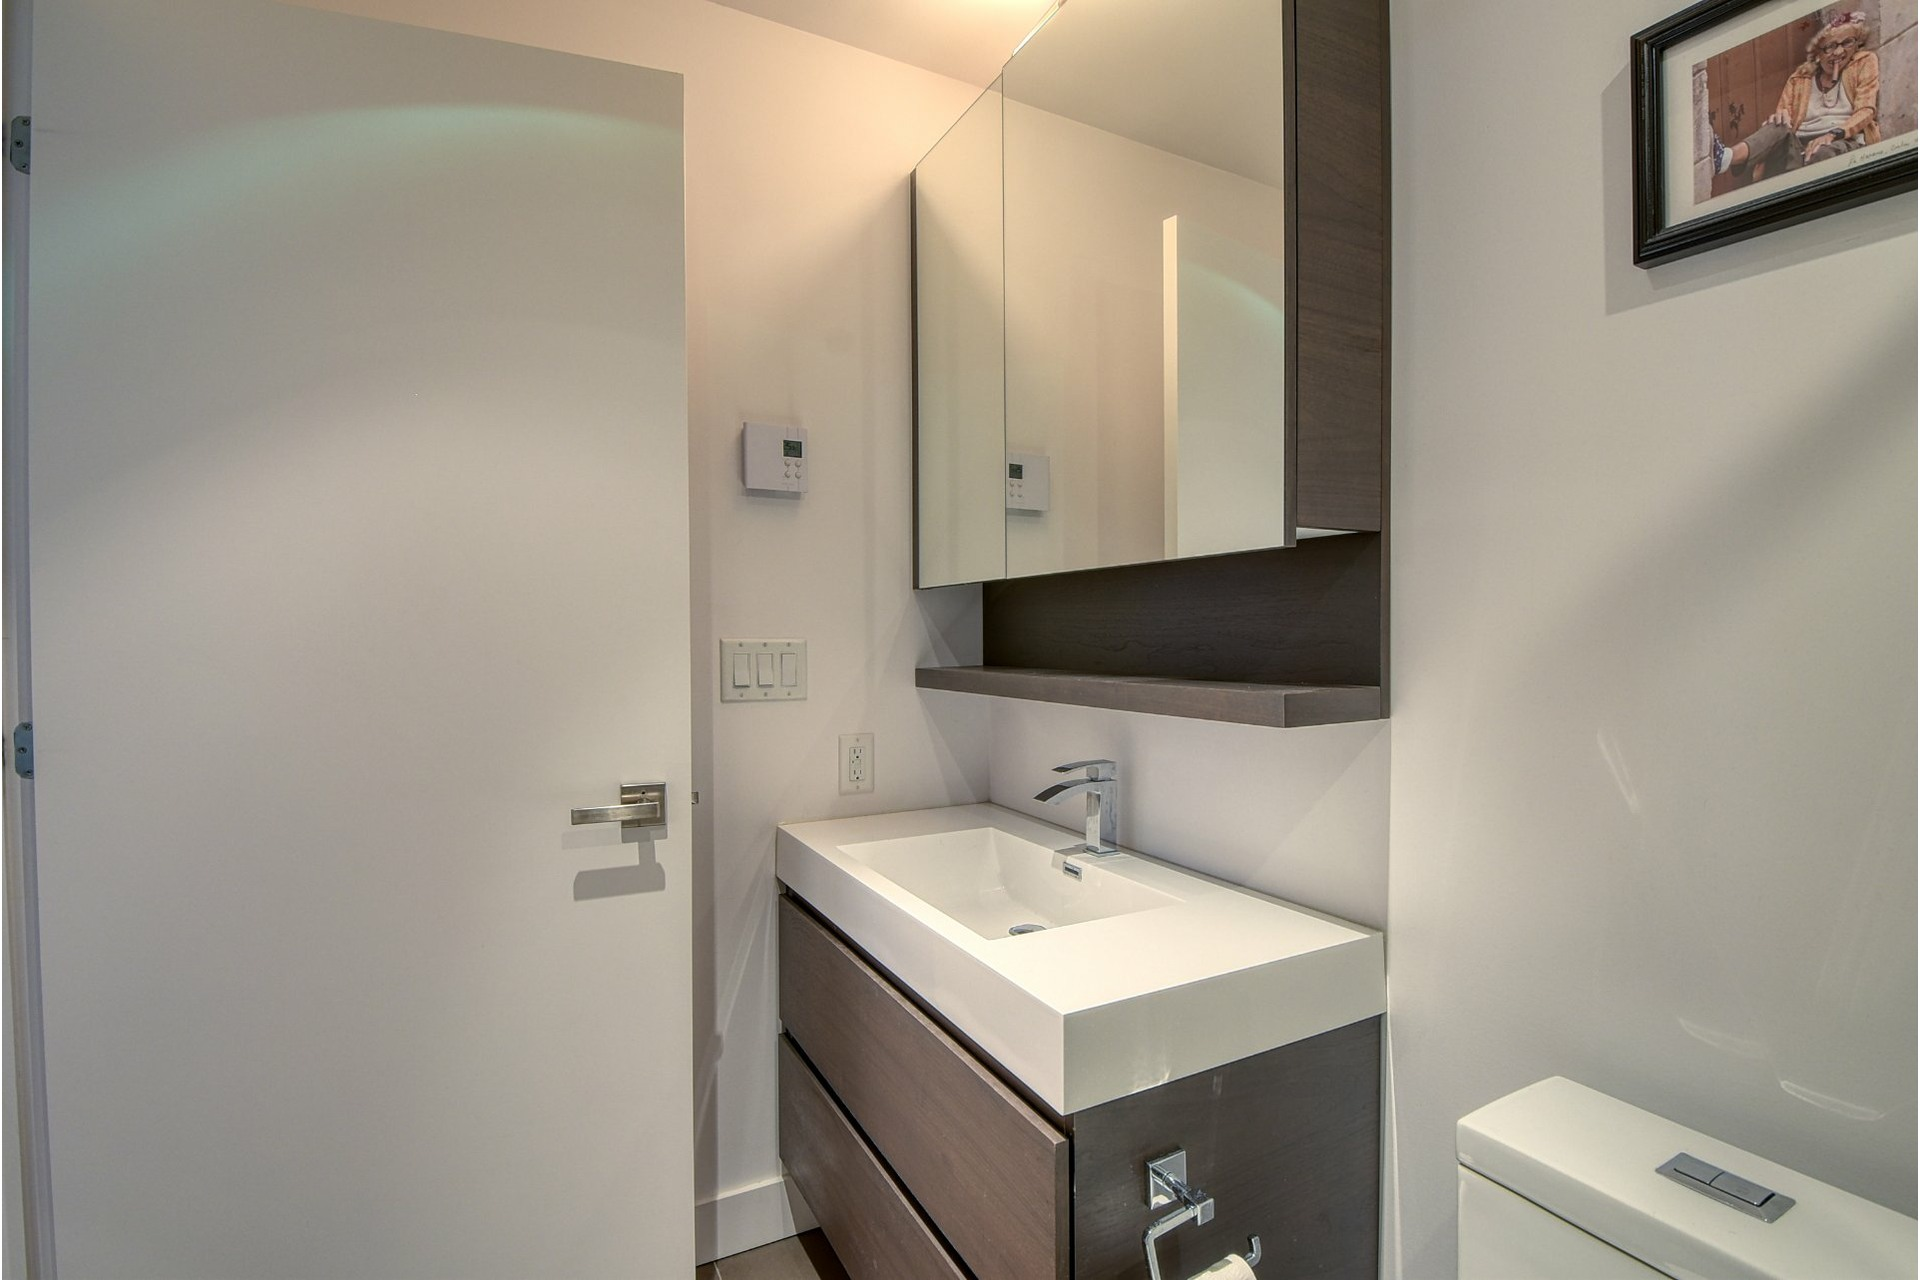 image 18 - Appartement À vendre Villeray/Saint-Michel/Parc-Extension Montréal  - 5 pièces